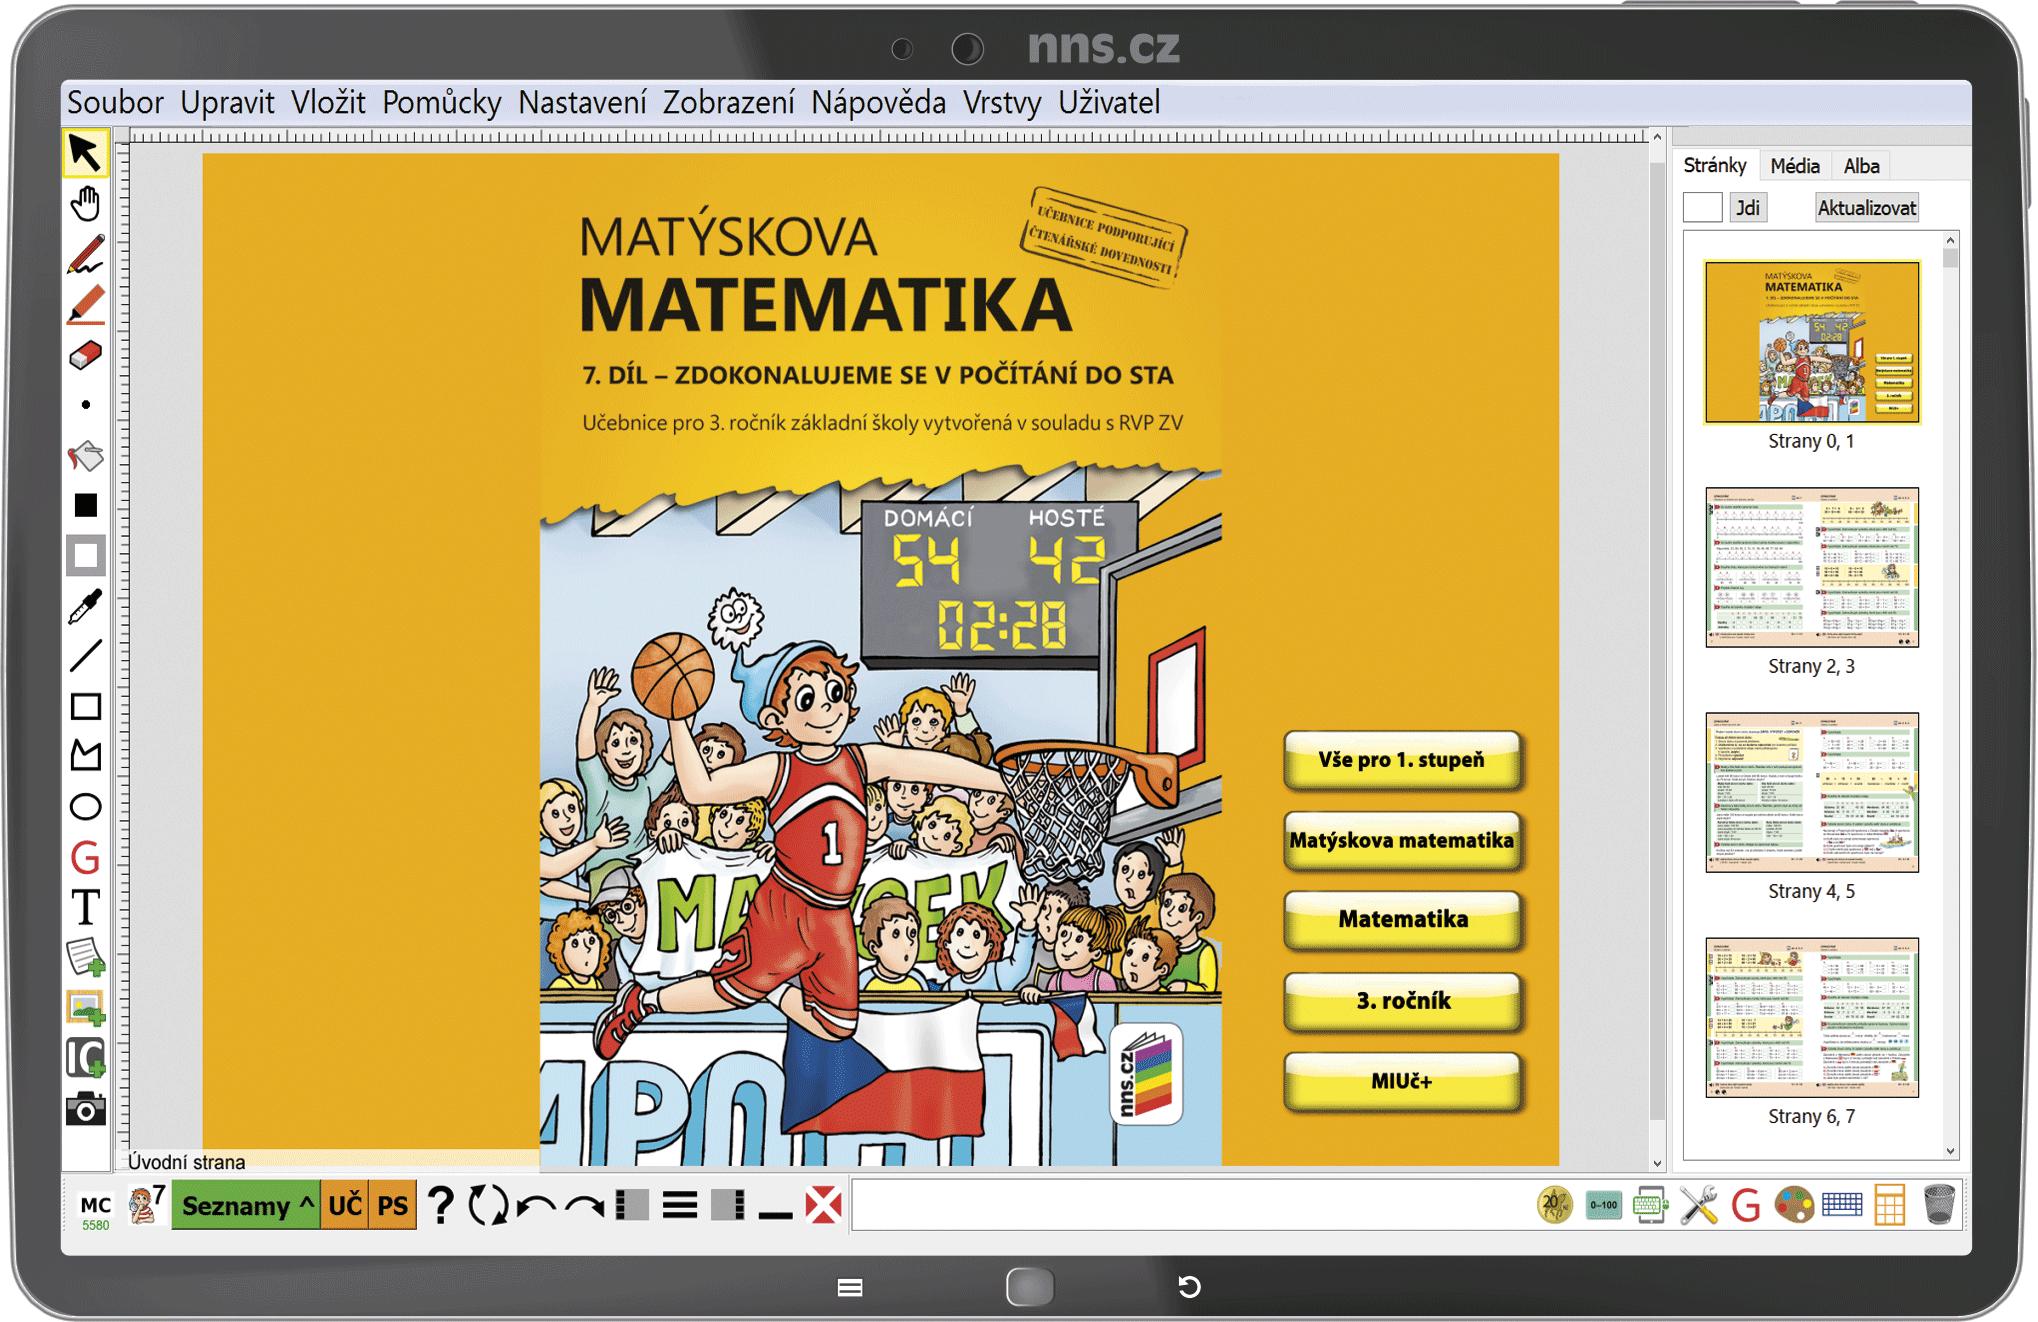 MIUč+ Matýskova matematika 3 (7. díl, 8. díl a geometrie) - žák. licence na 1 šk. rok